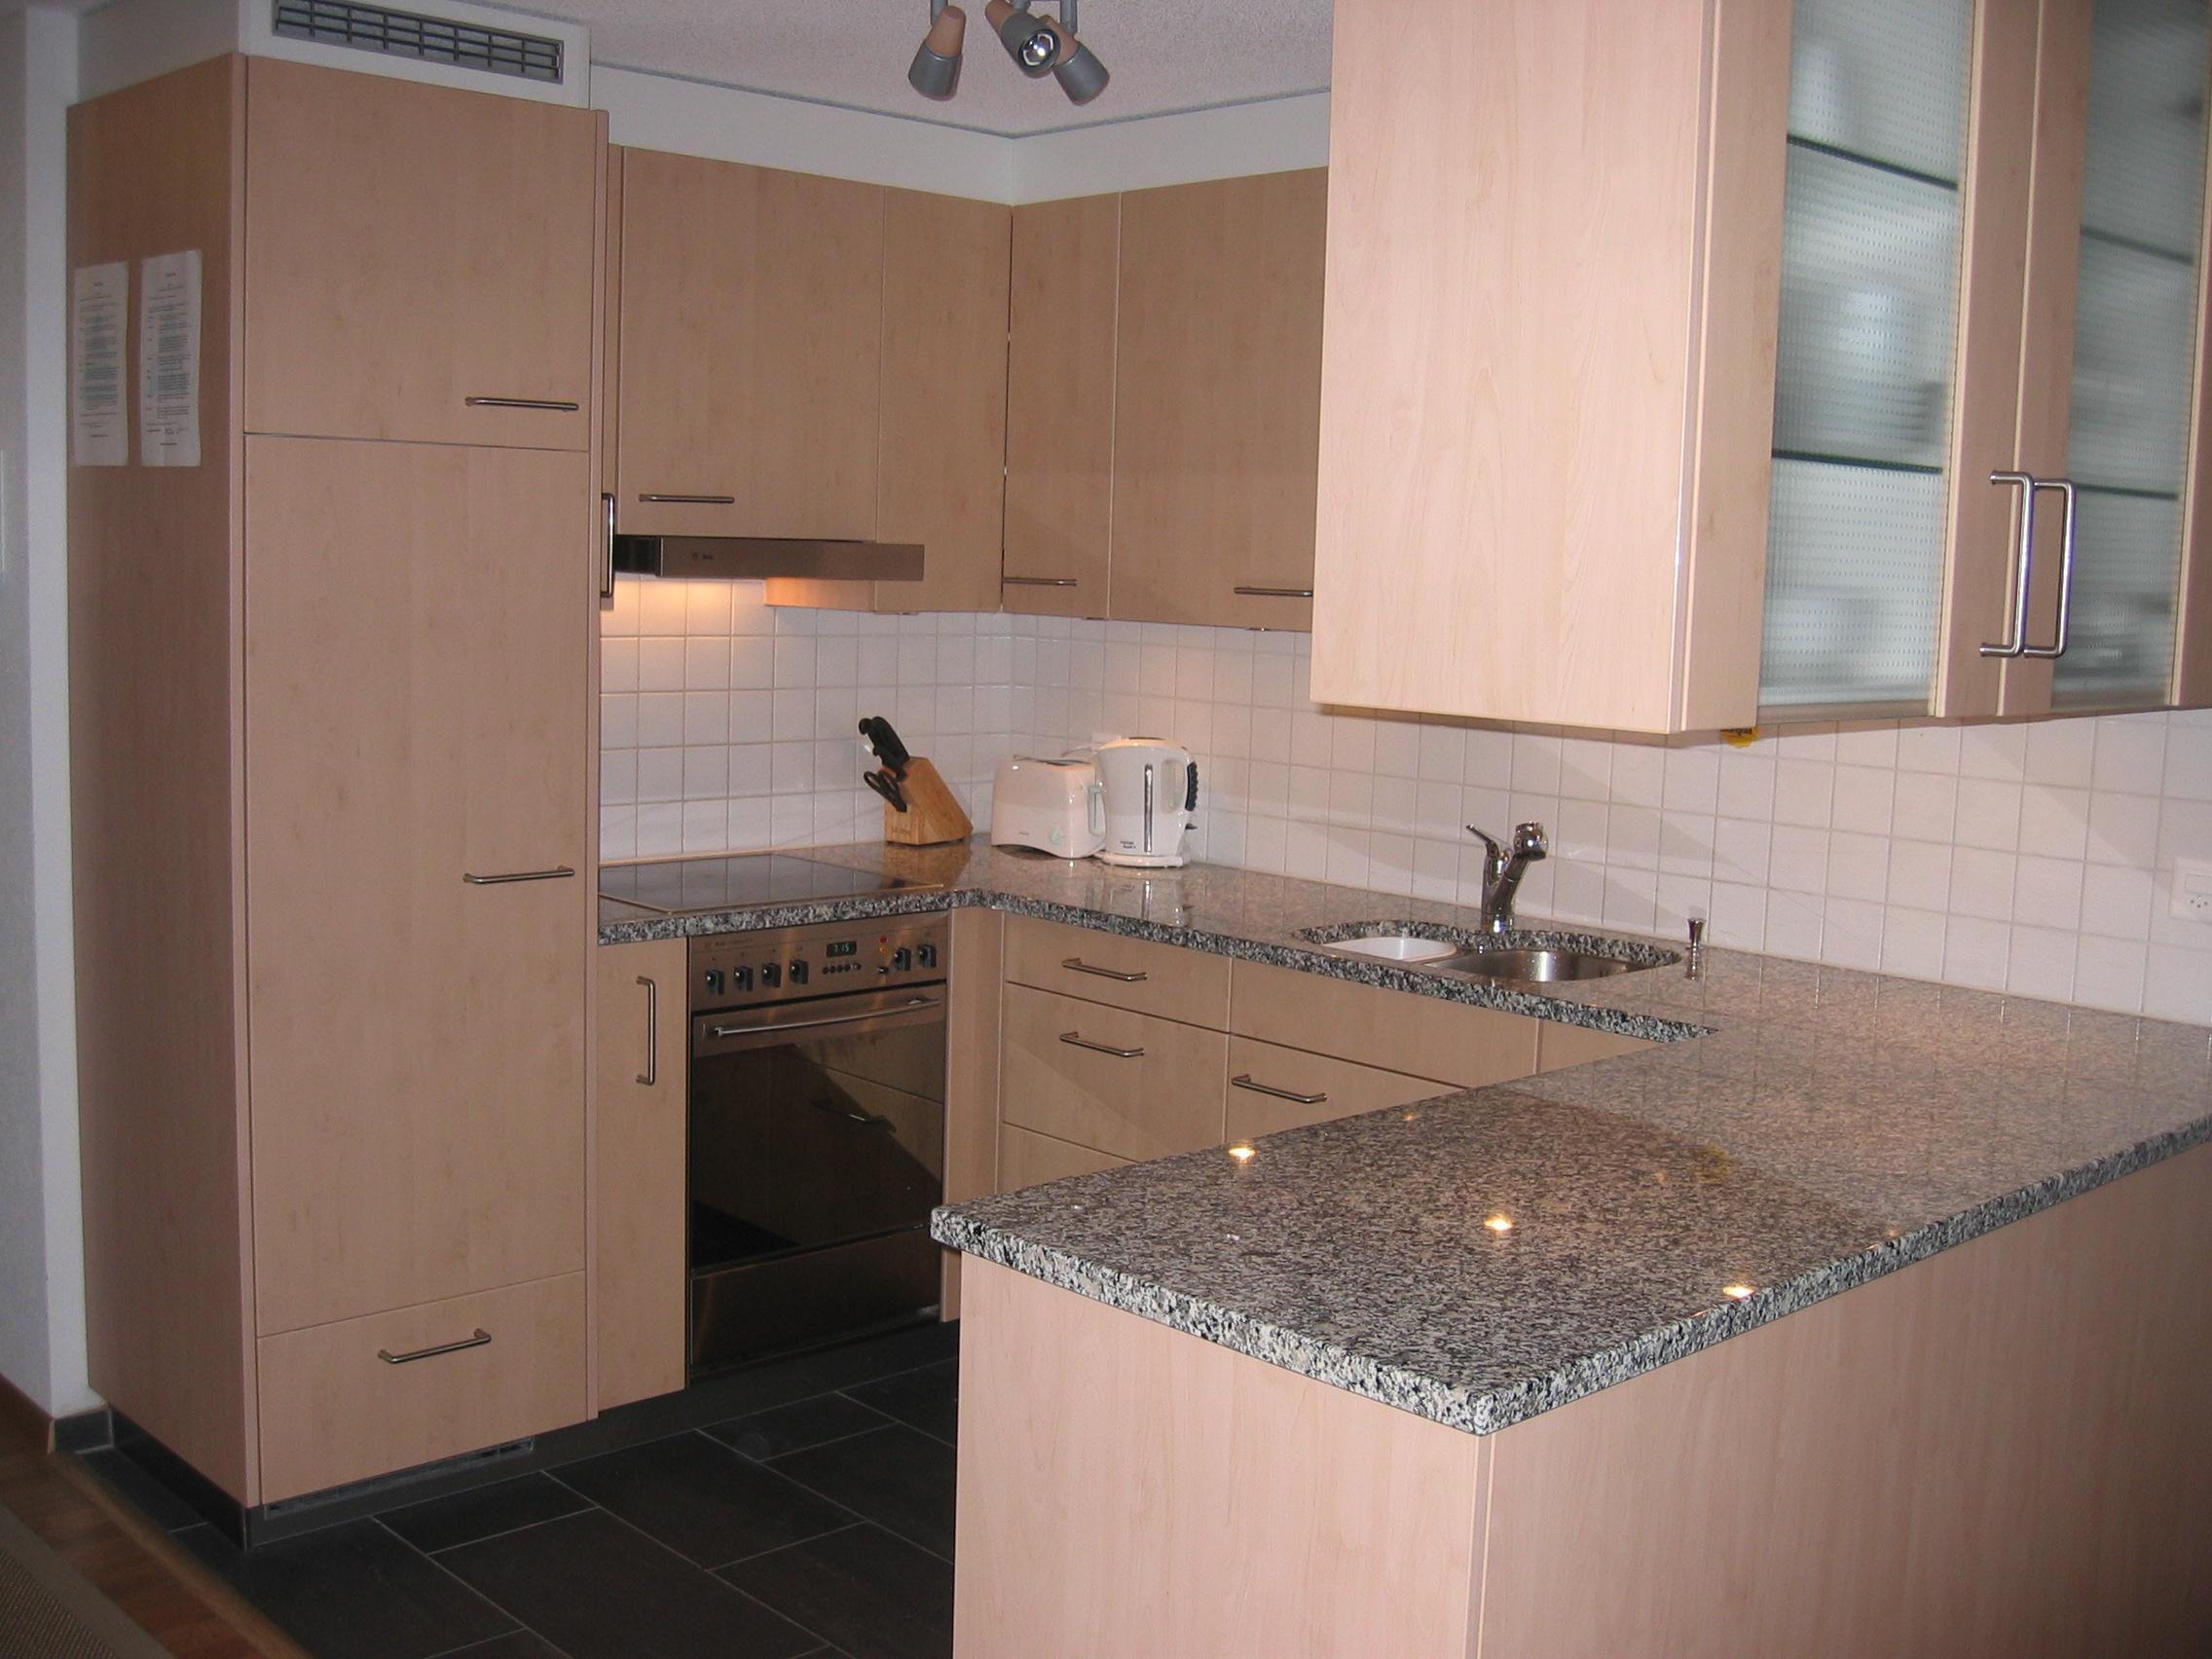 Appartement de vacances Nollen 6 Bett Wohnung Obj. M6004 (887254), Mürren, Région de la Jungfrau, Oberland bernois, Suisse, image 11